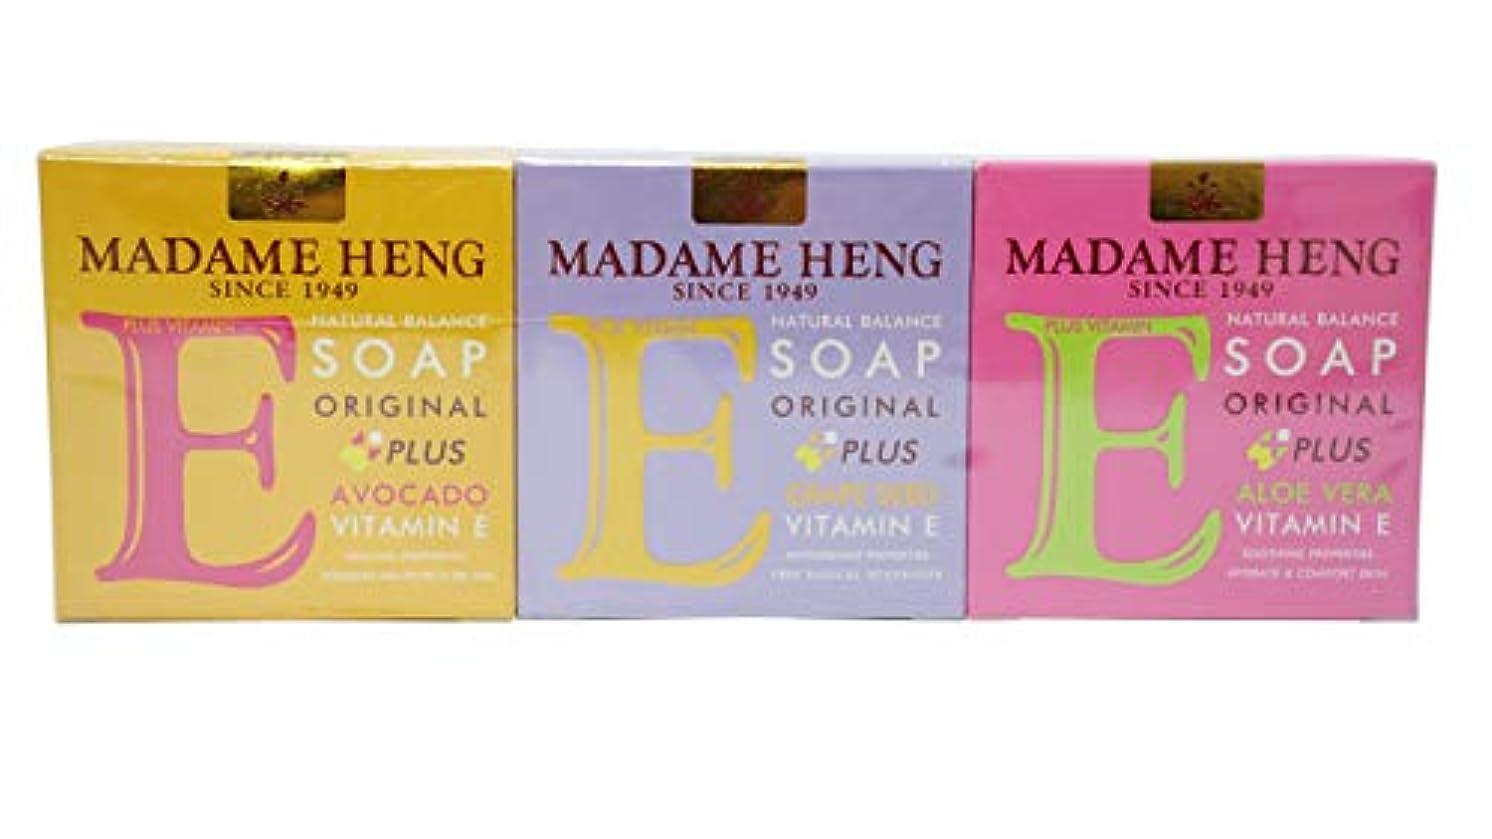 オーバーコートマイナス仕様Madame Heng Vitamin E Soap 3 boxes- Aloe Vera +Vit E, Grape Seeds +Vit E, Avocado +Vit E Soap [並行輸入品]